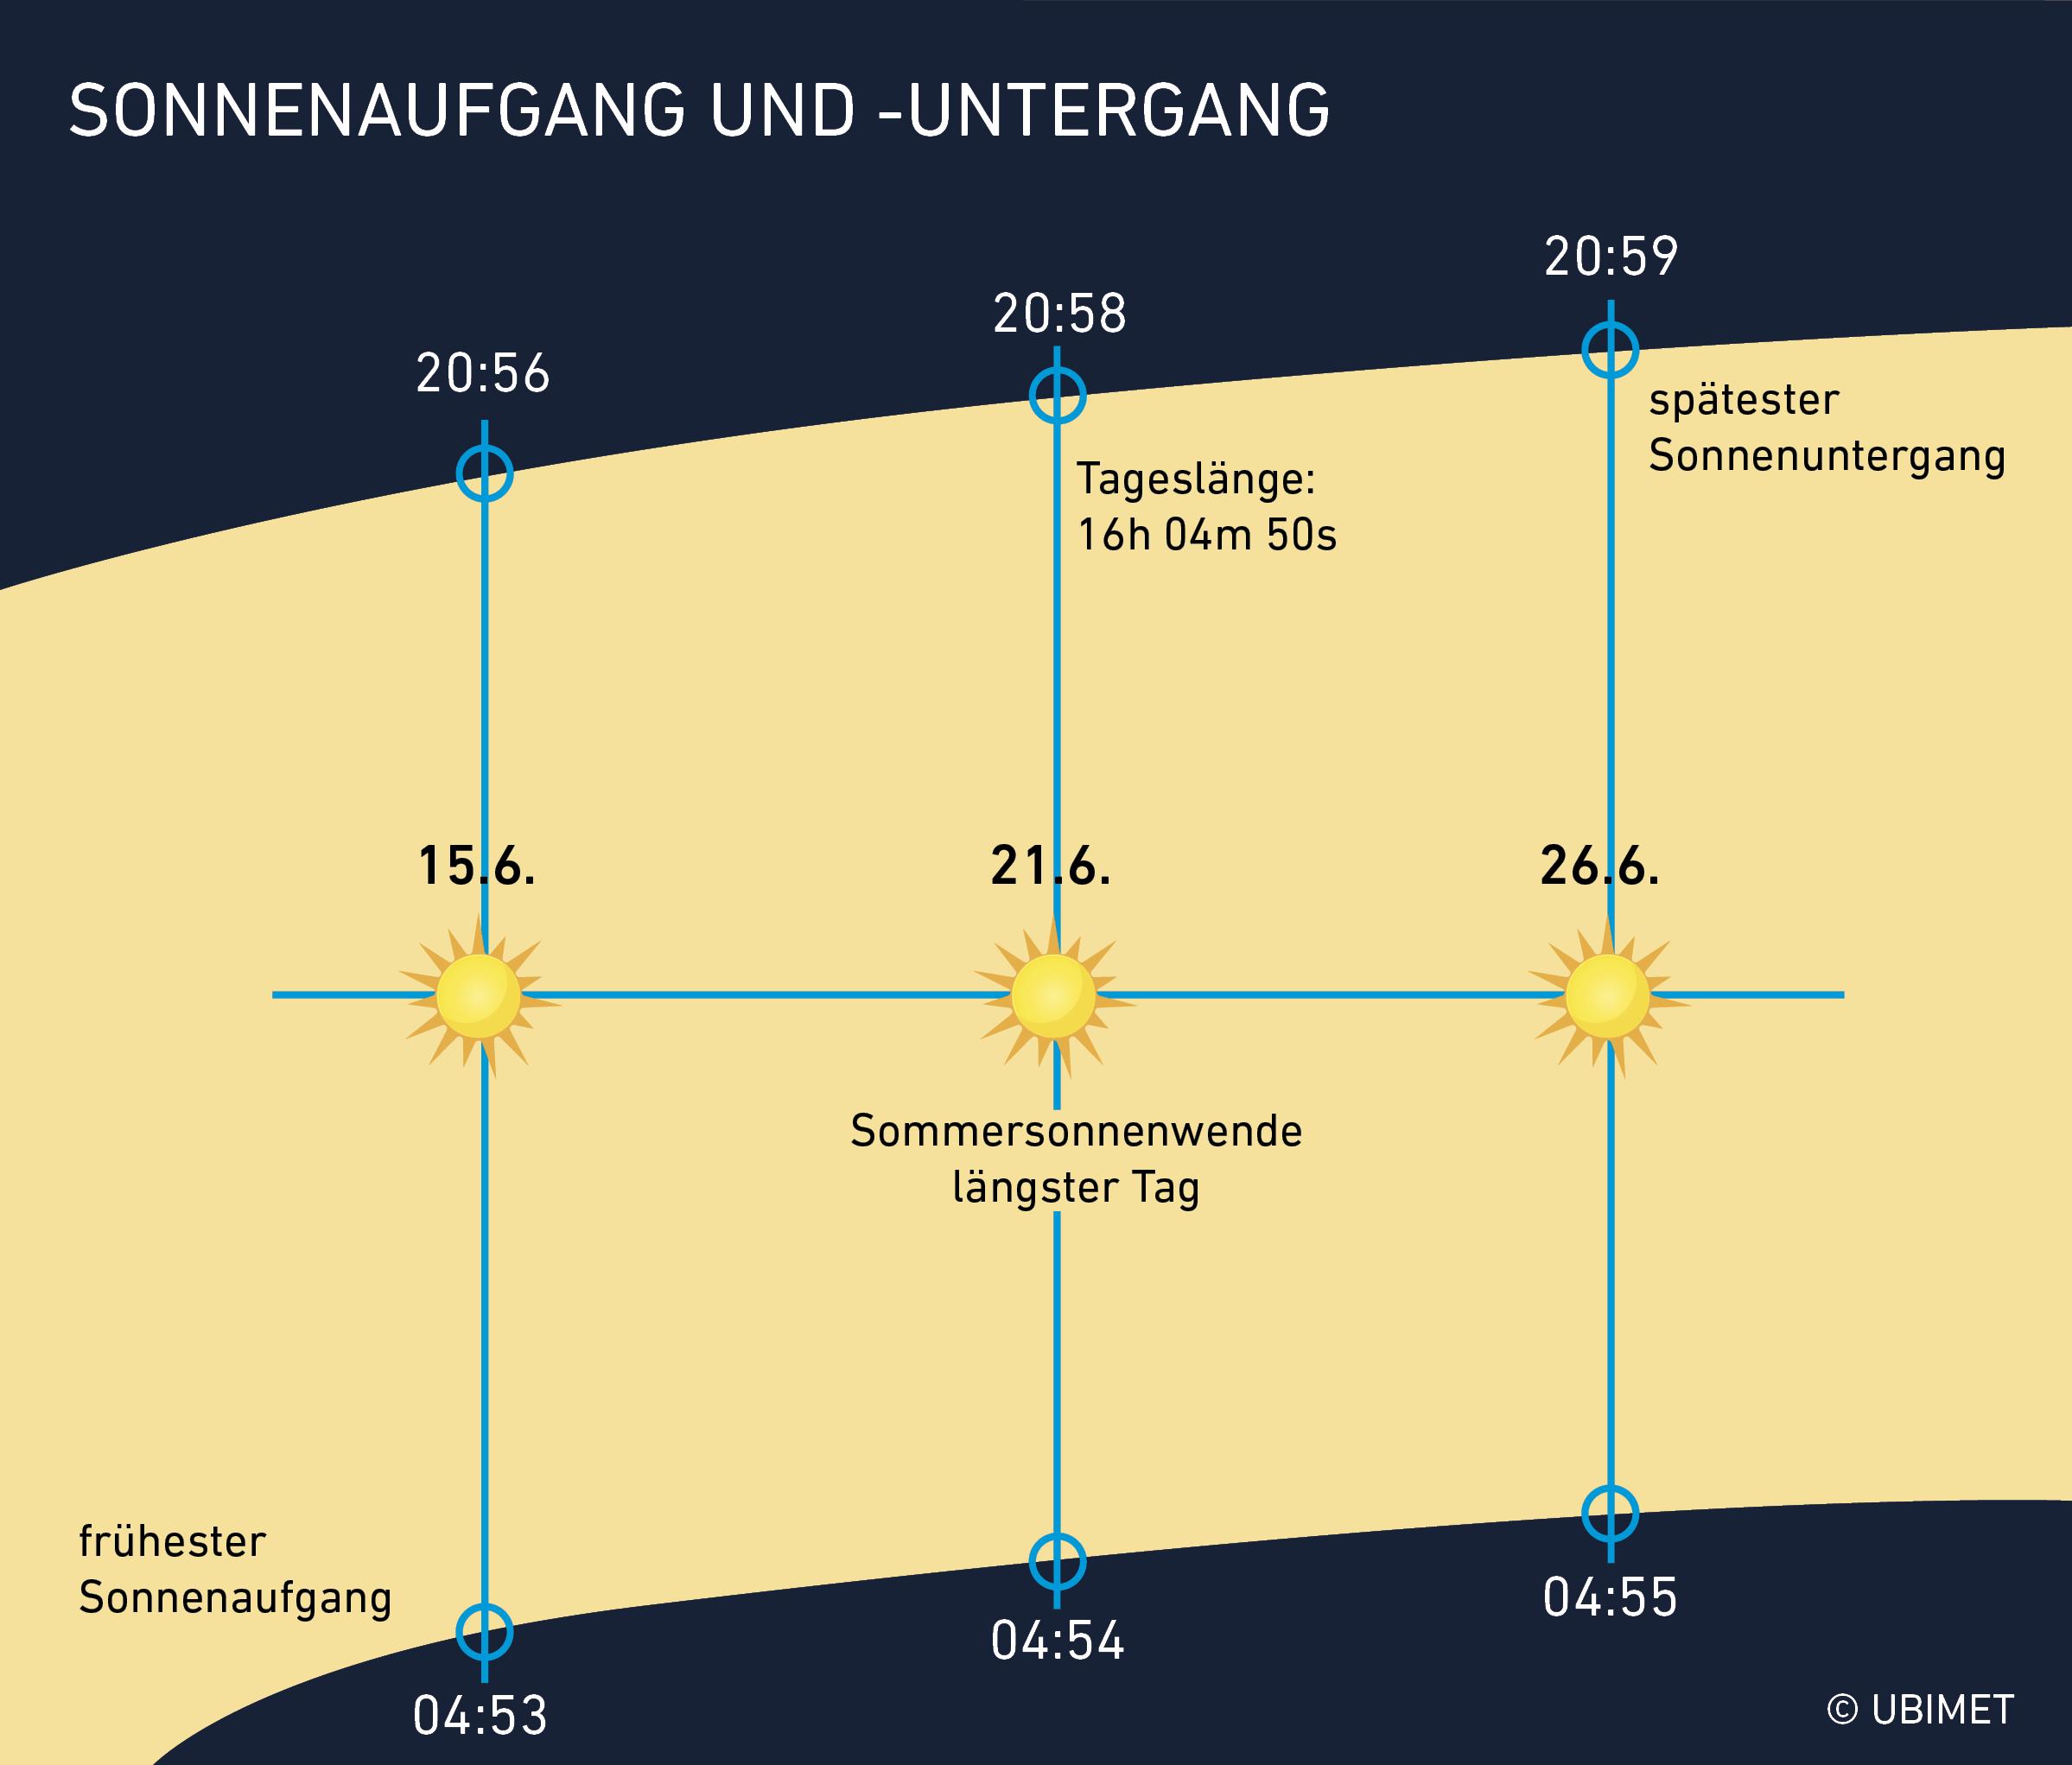 Entwicklung von Sonnenaufgang und -untergang rund um die Sommersonnenwende 2018